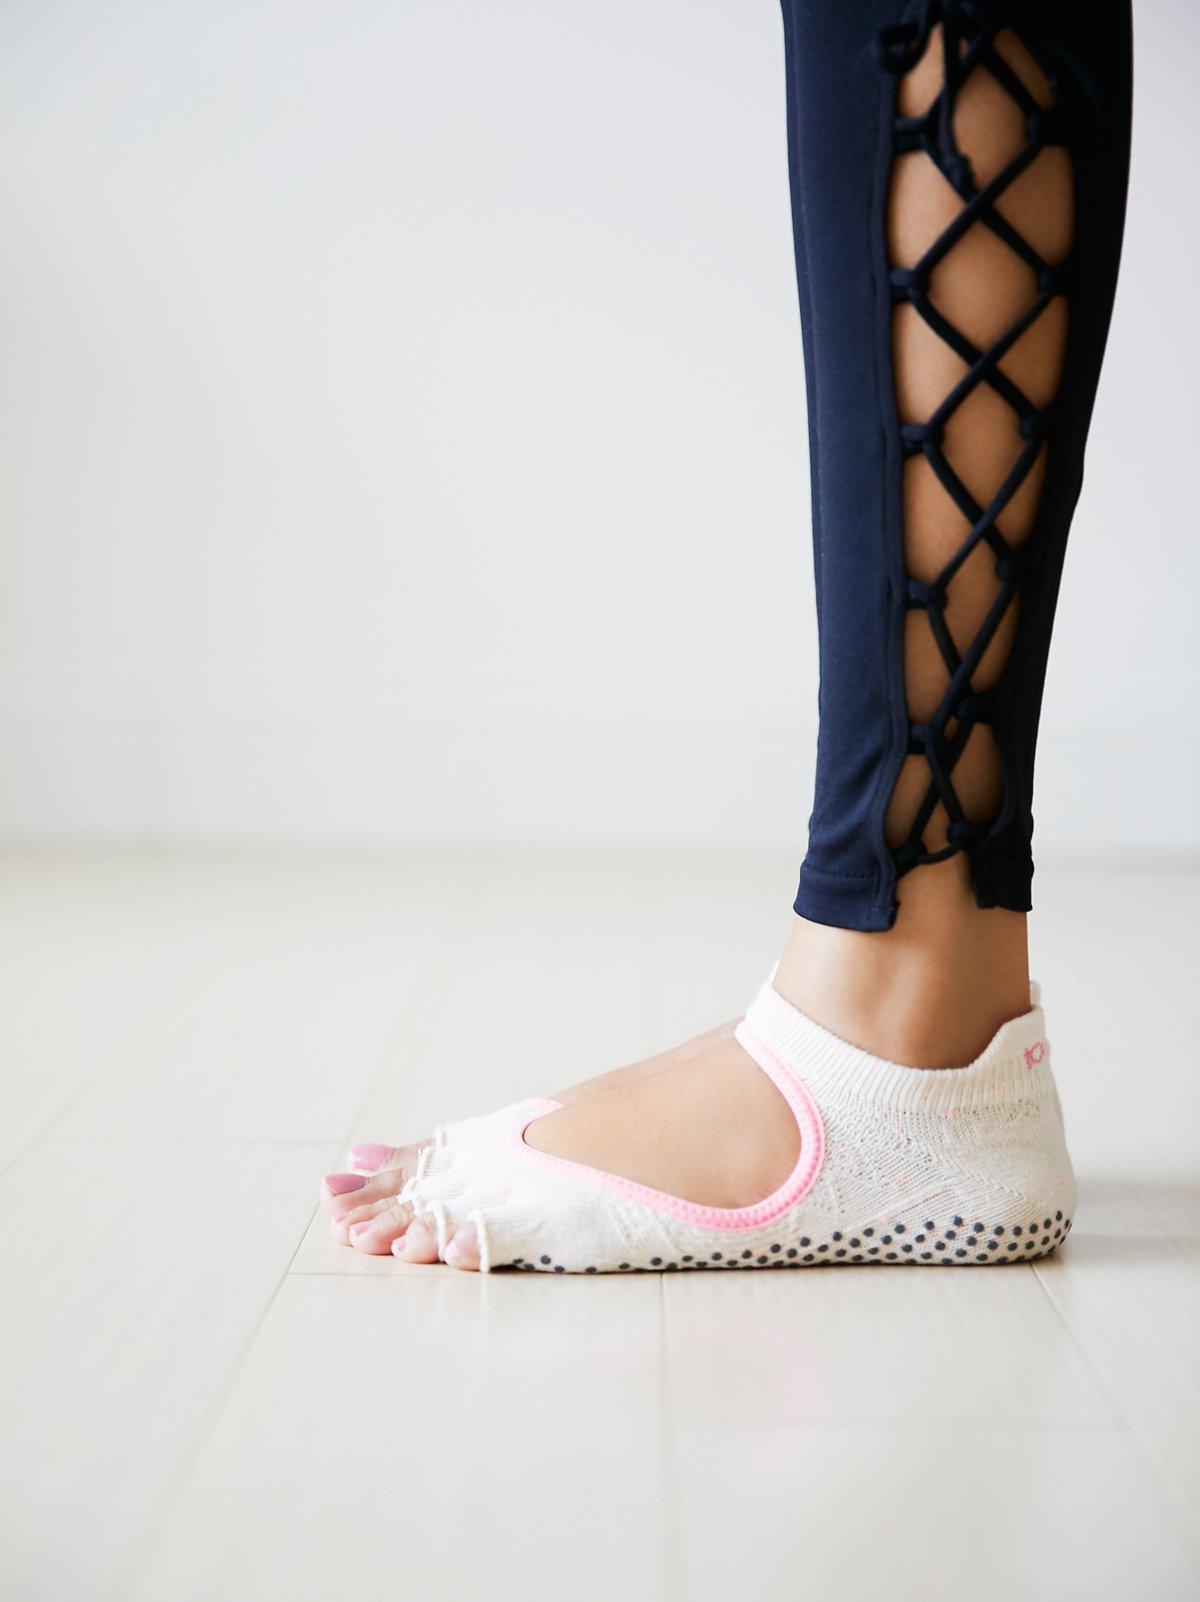 Bellarina Namaste瑜伽袜